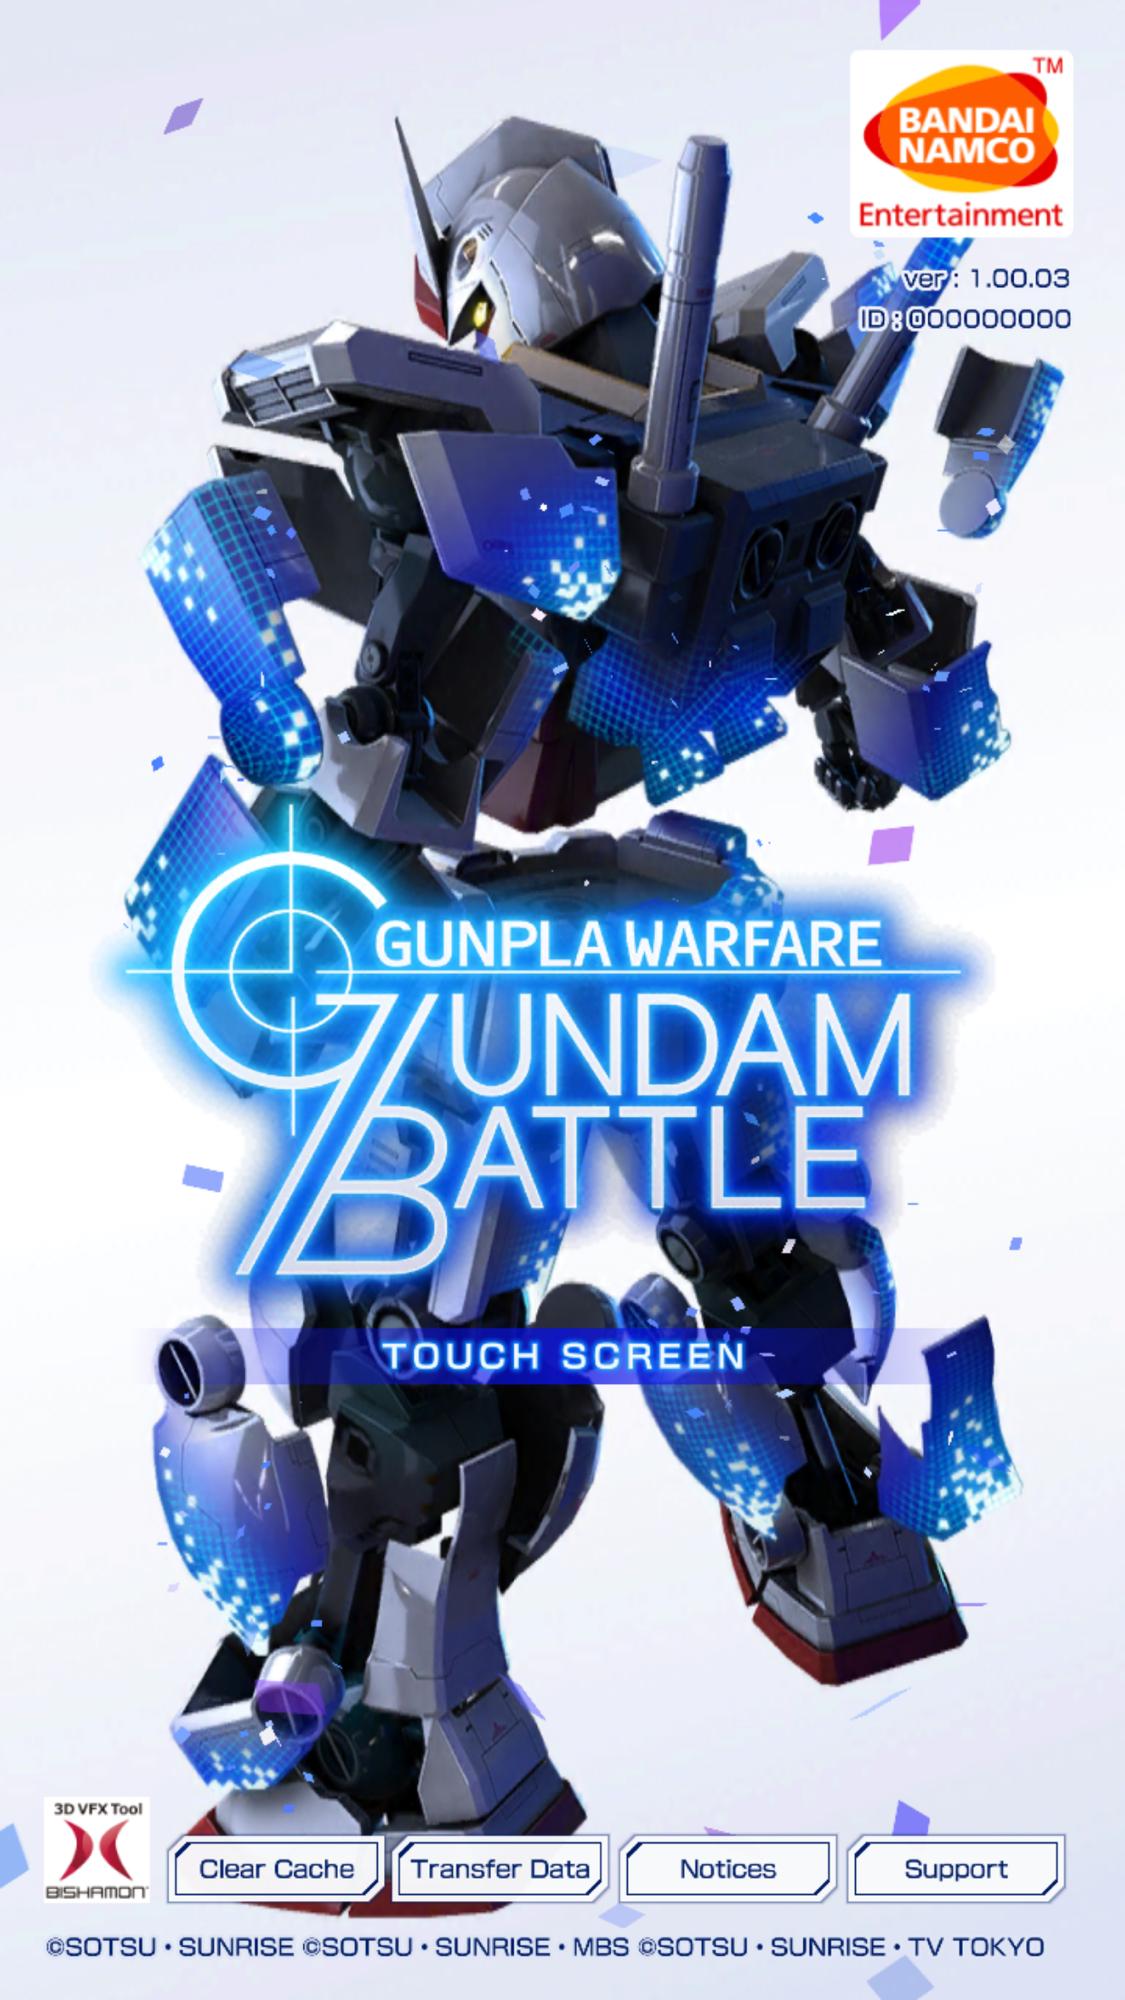 Gunpla Warfare Gundam Battle!!